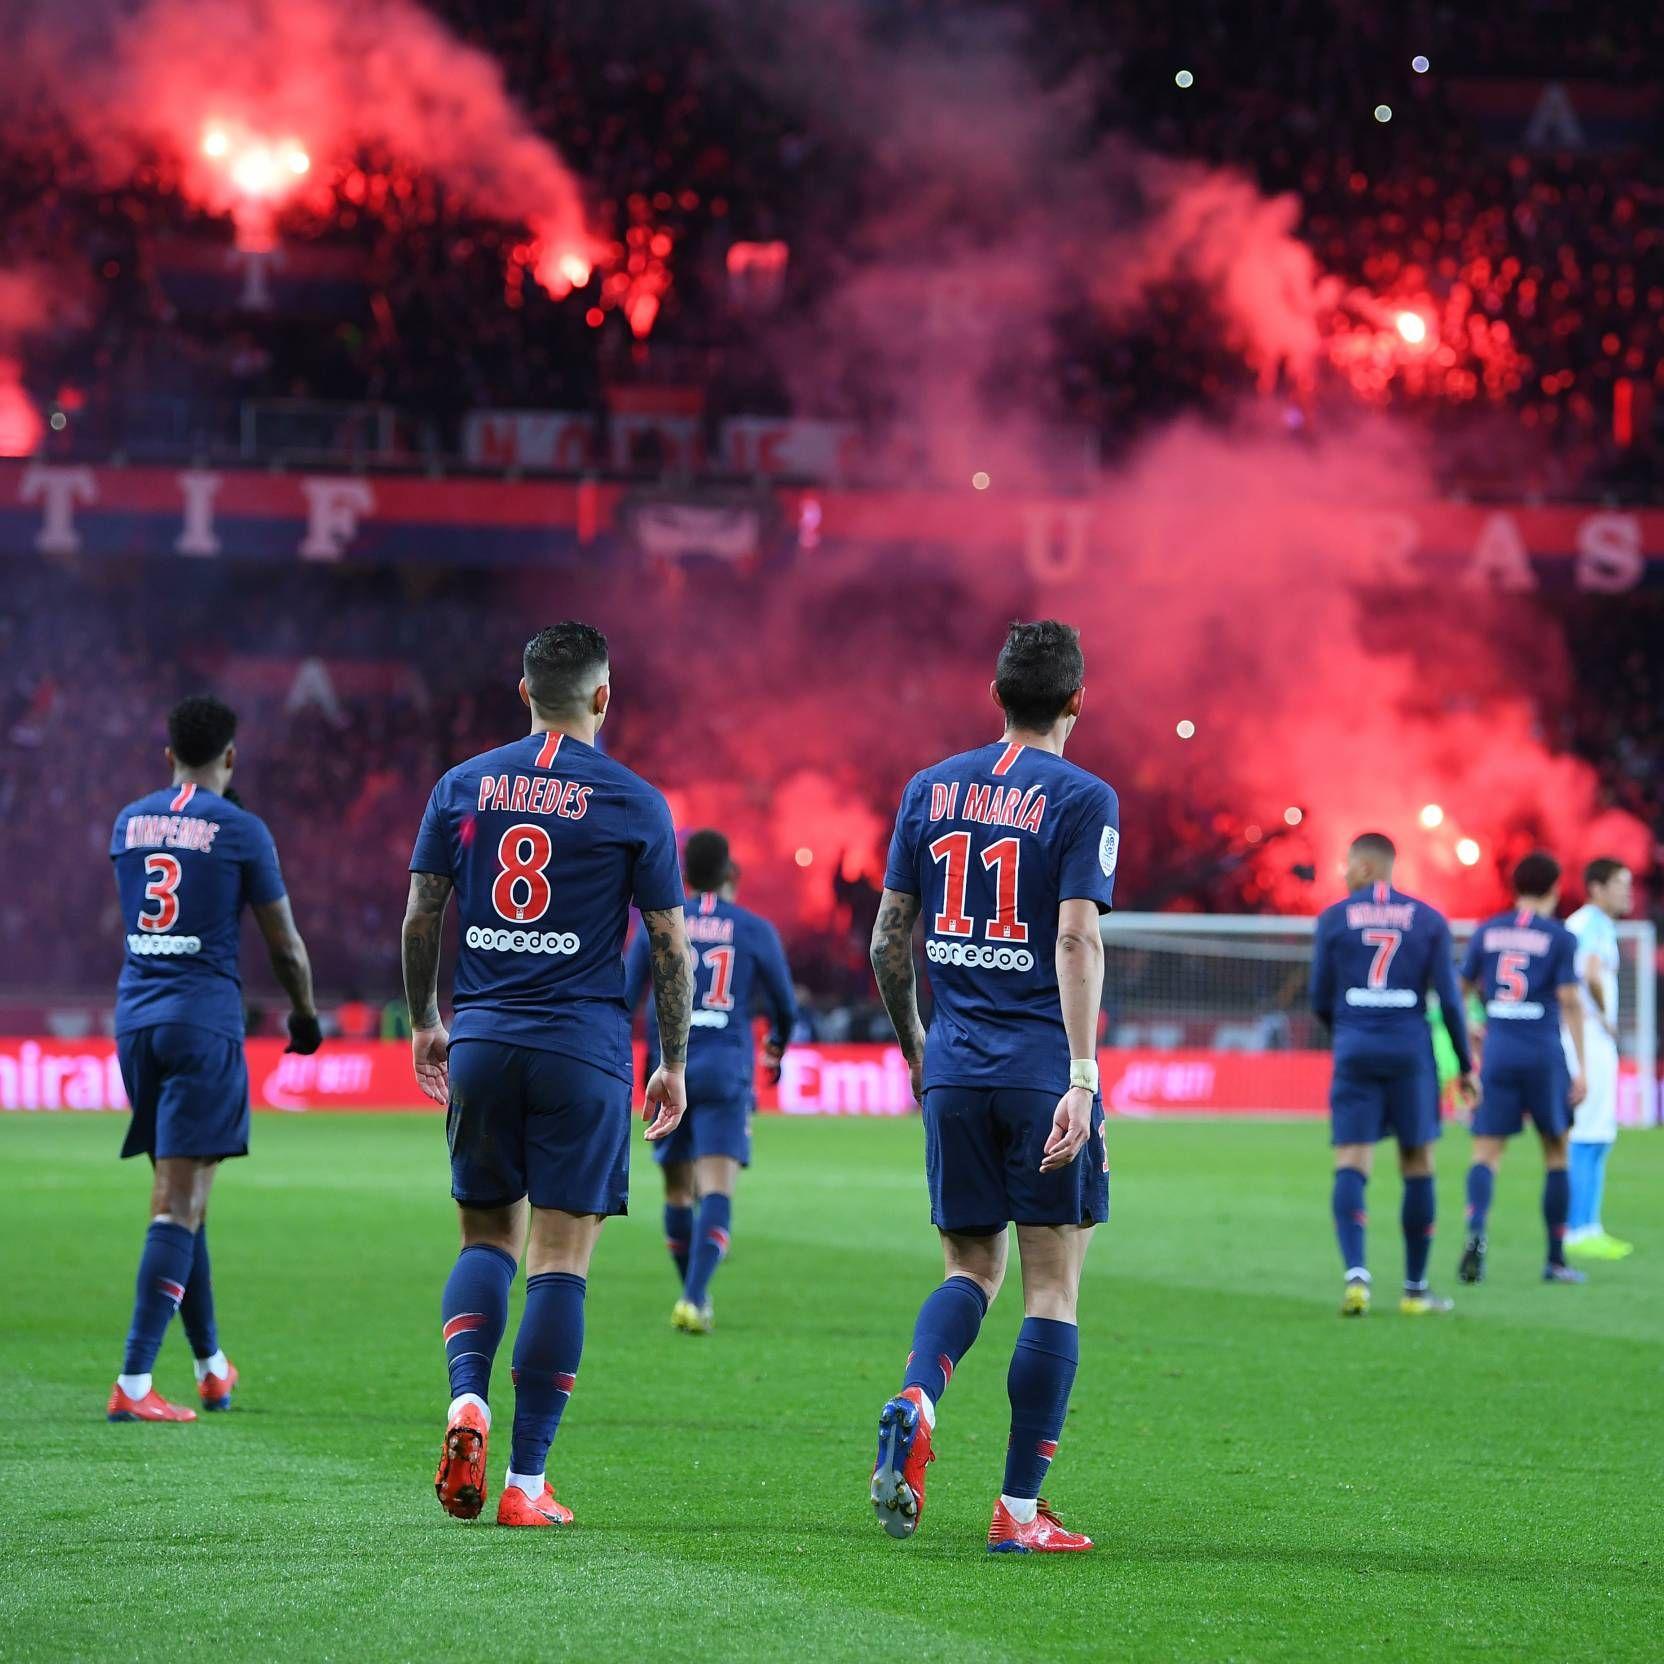 Résultat et résumé ParisSG Marseille, Ligue 1, 29e